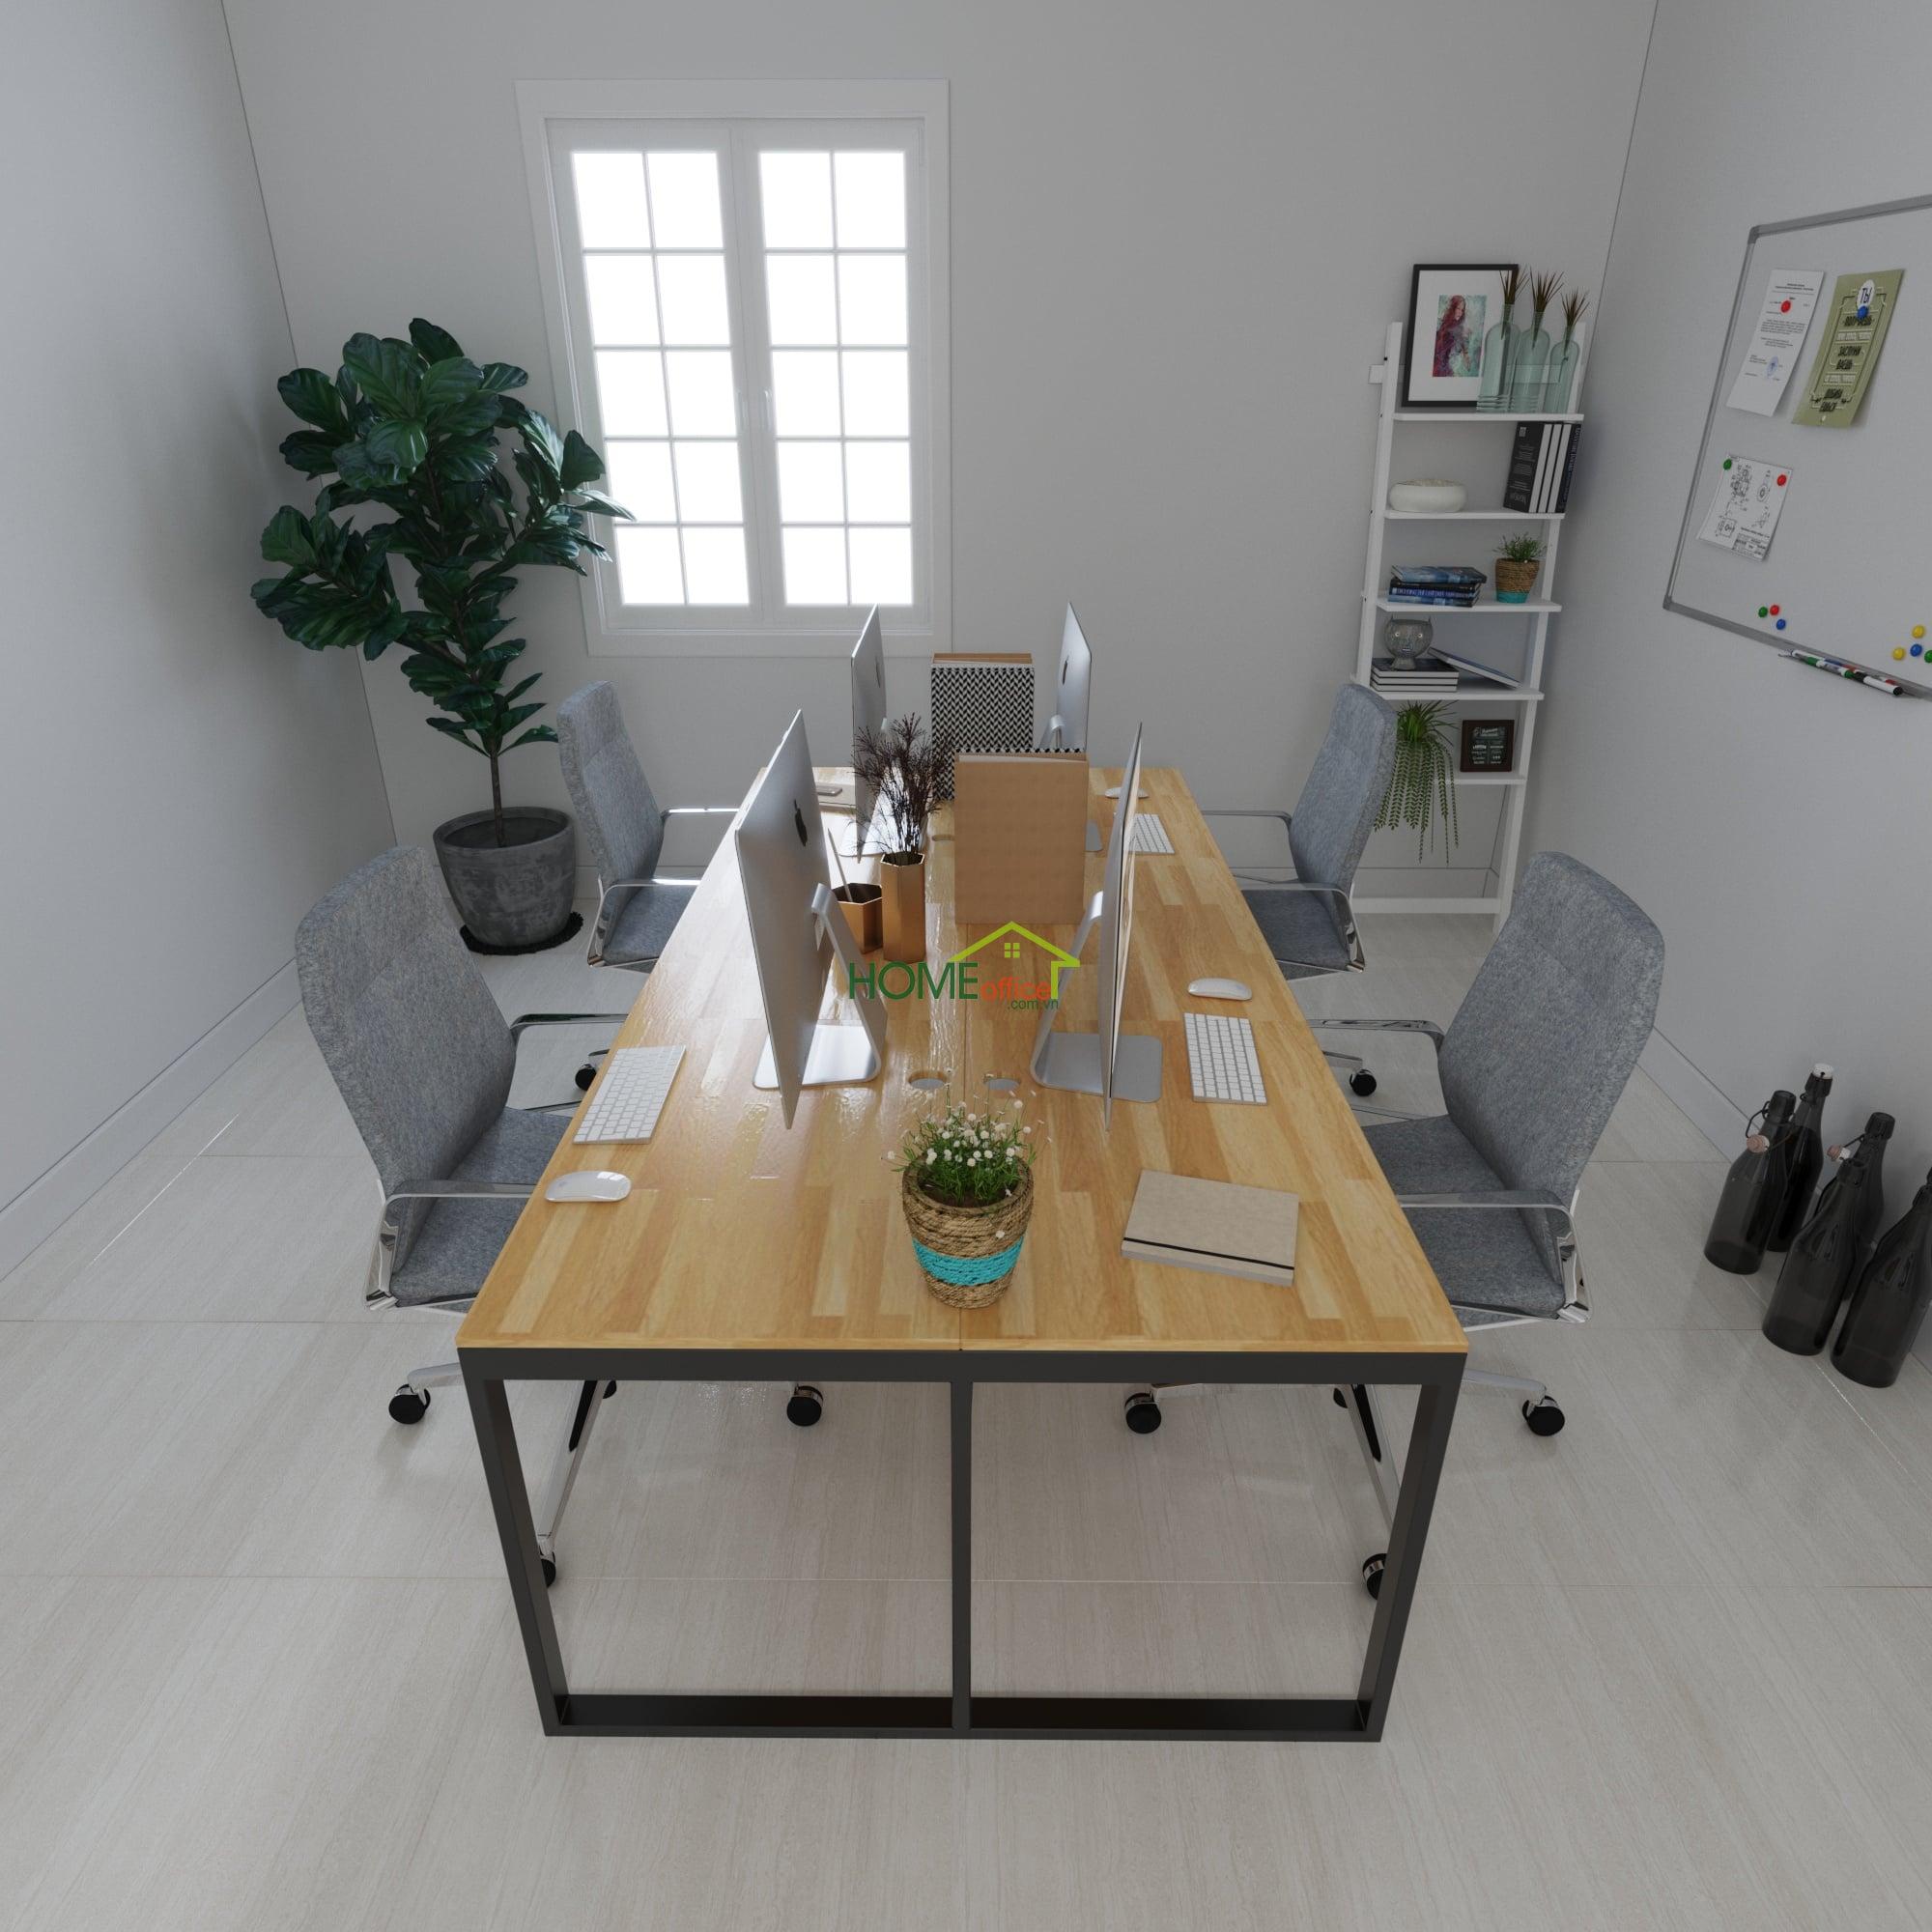 cụm bàn 4 người